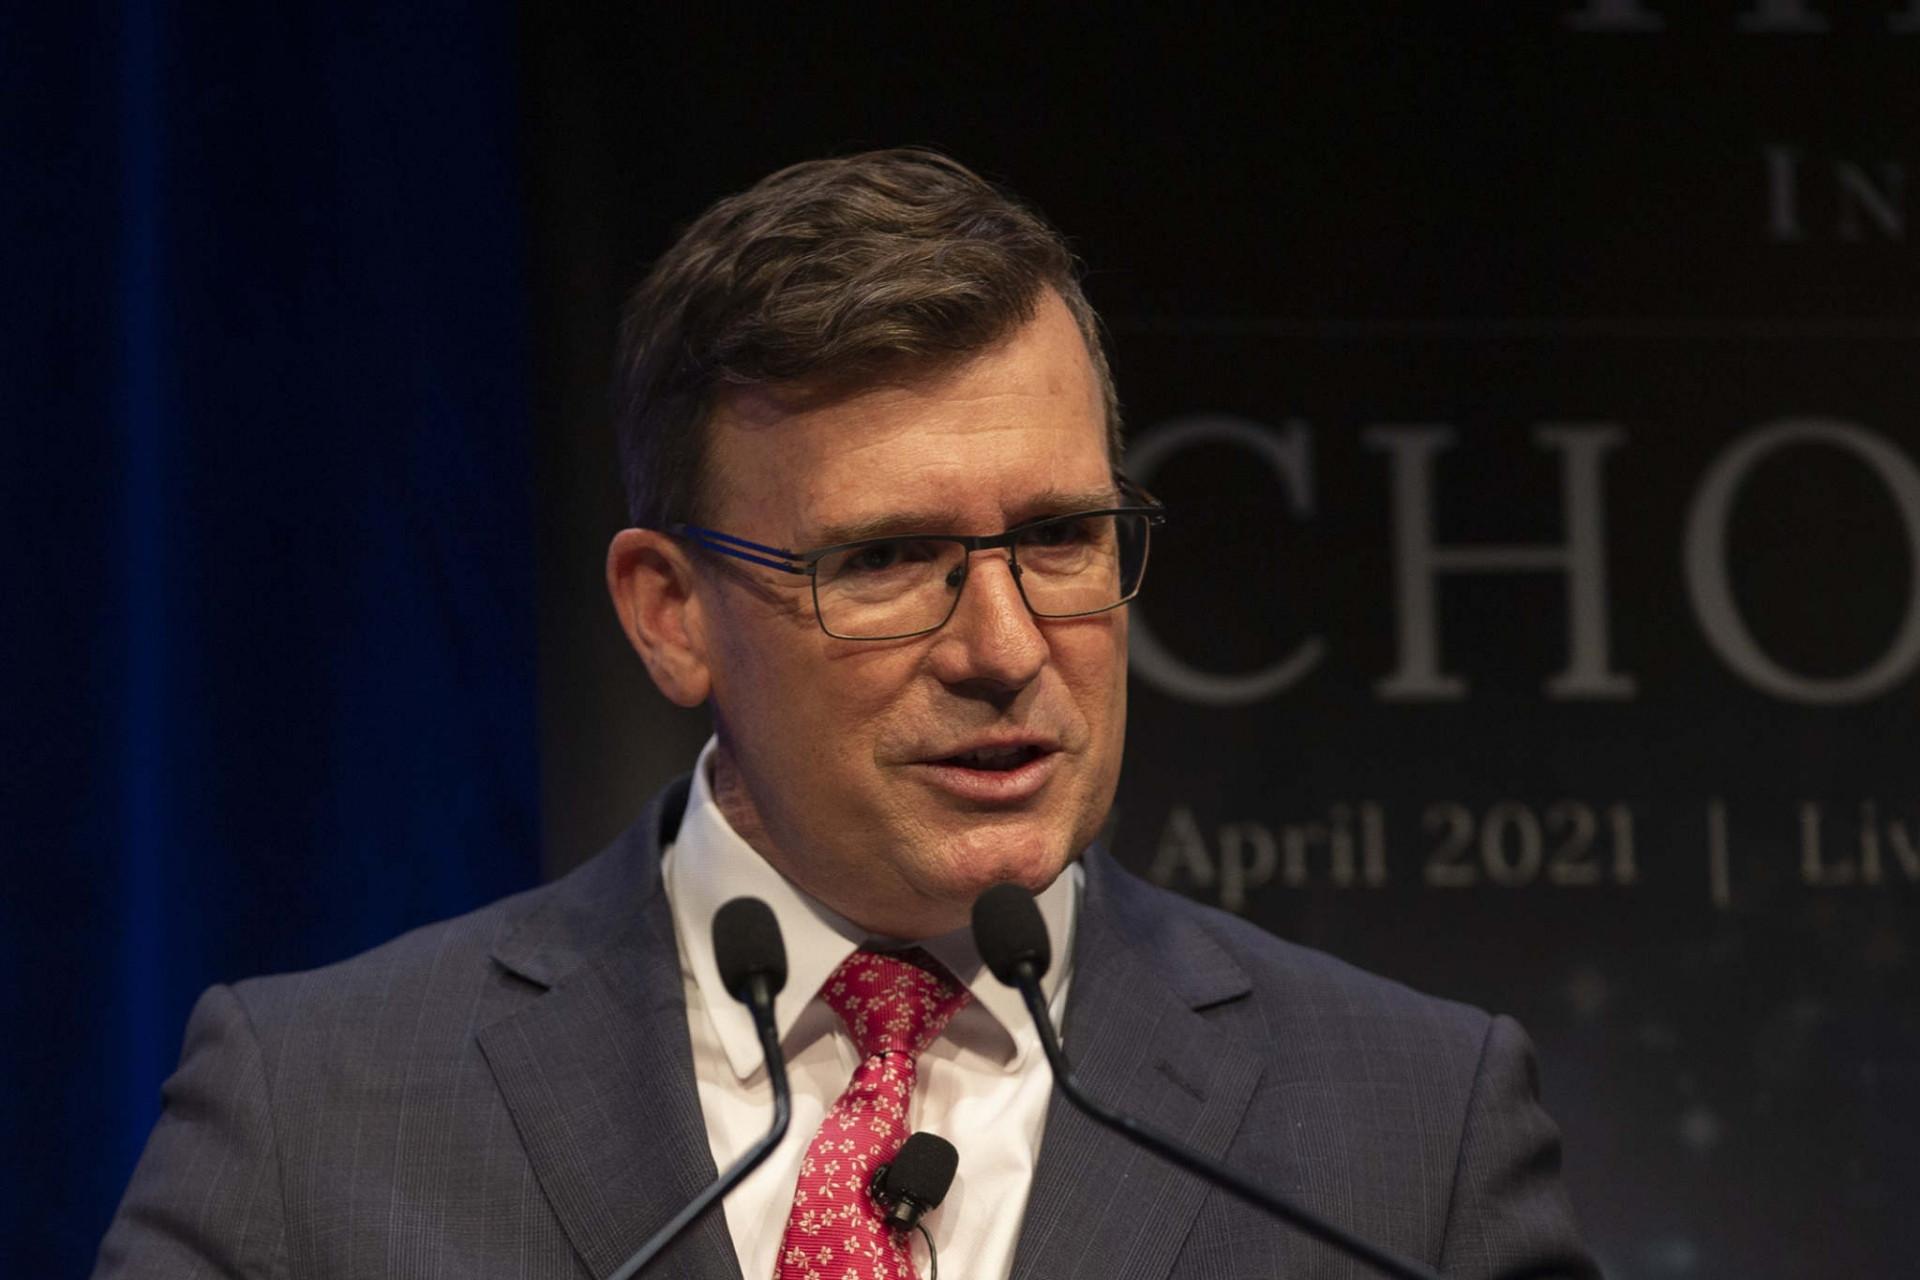 Chính phủ Australia chấp thuận kế hoạch của bang New South Wales đón sinh viên quốc tế trở lại trường học